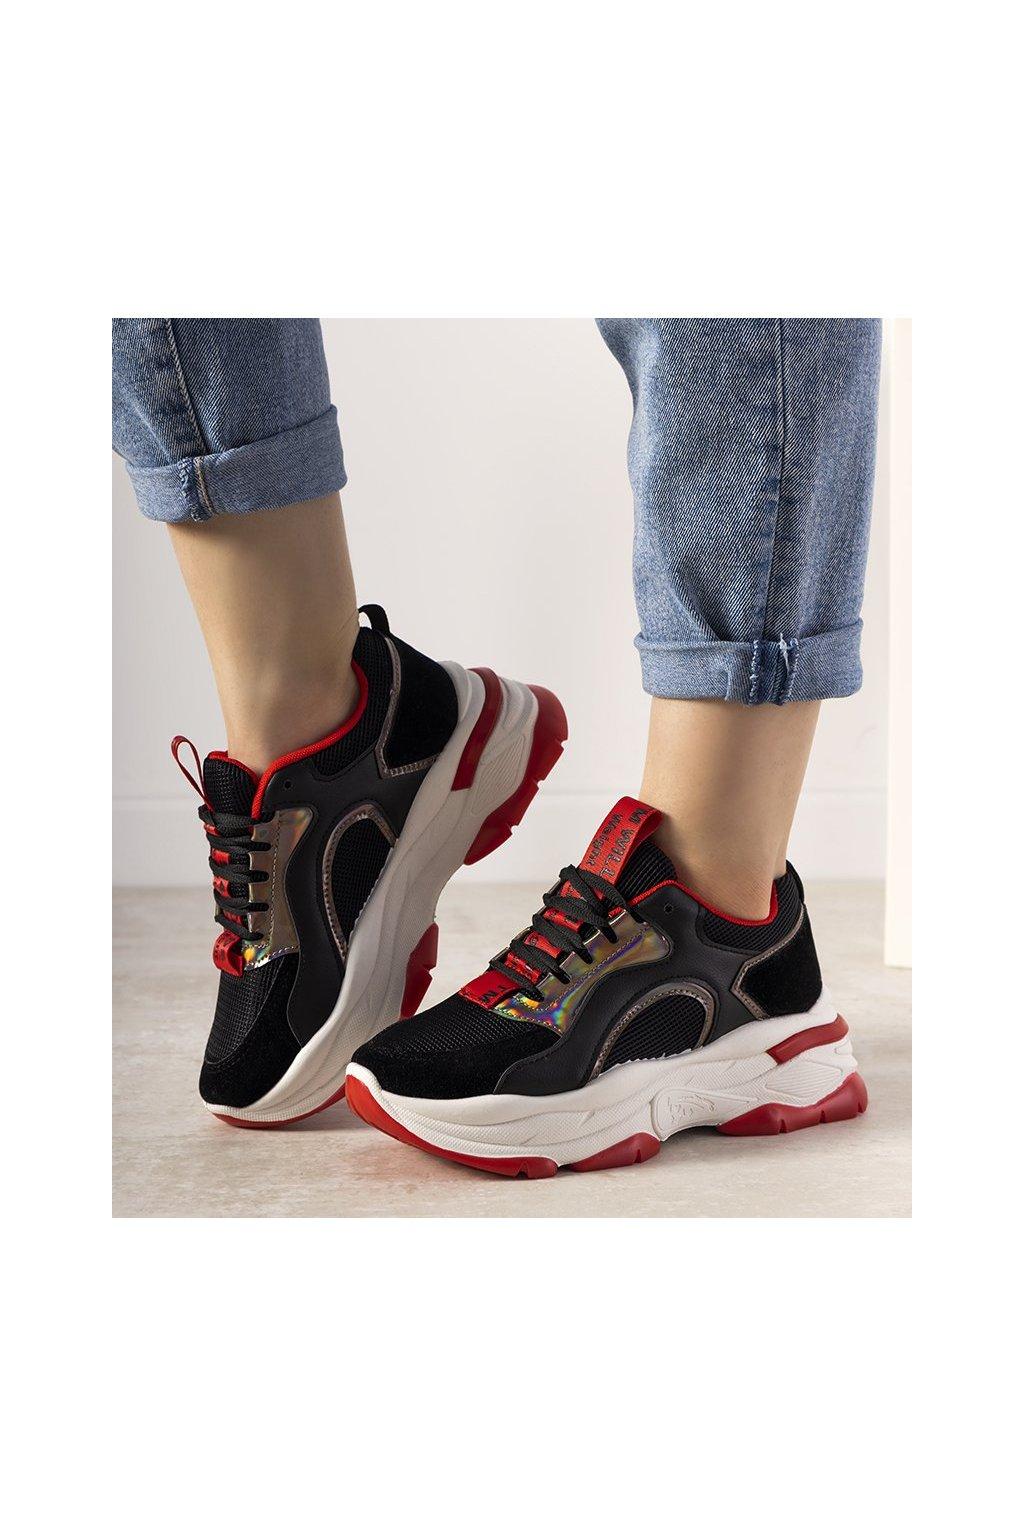 Dámske topánky tenisky čierne kód R12YD518-11 - GM